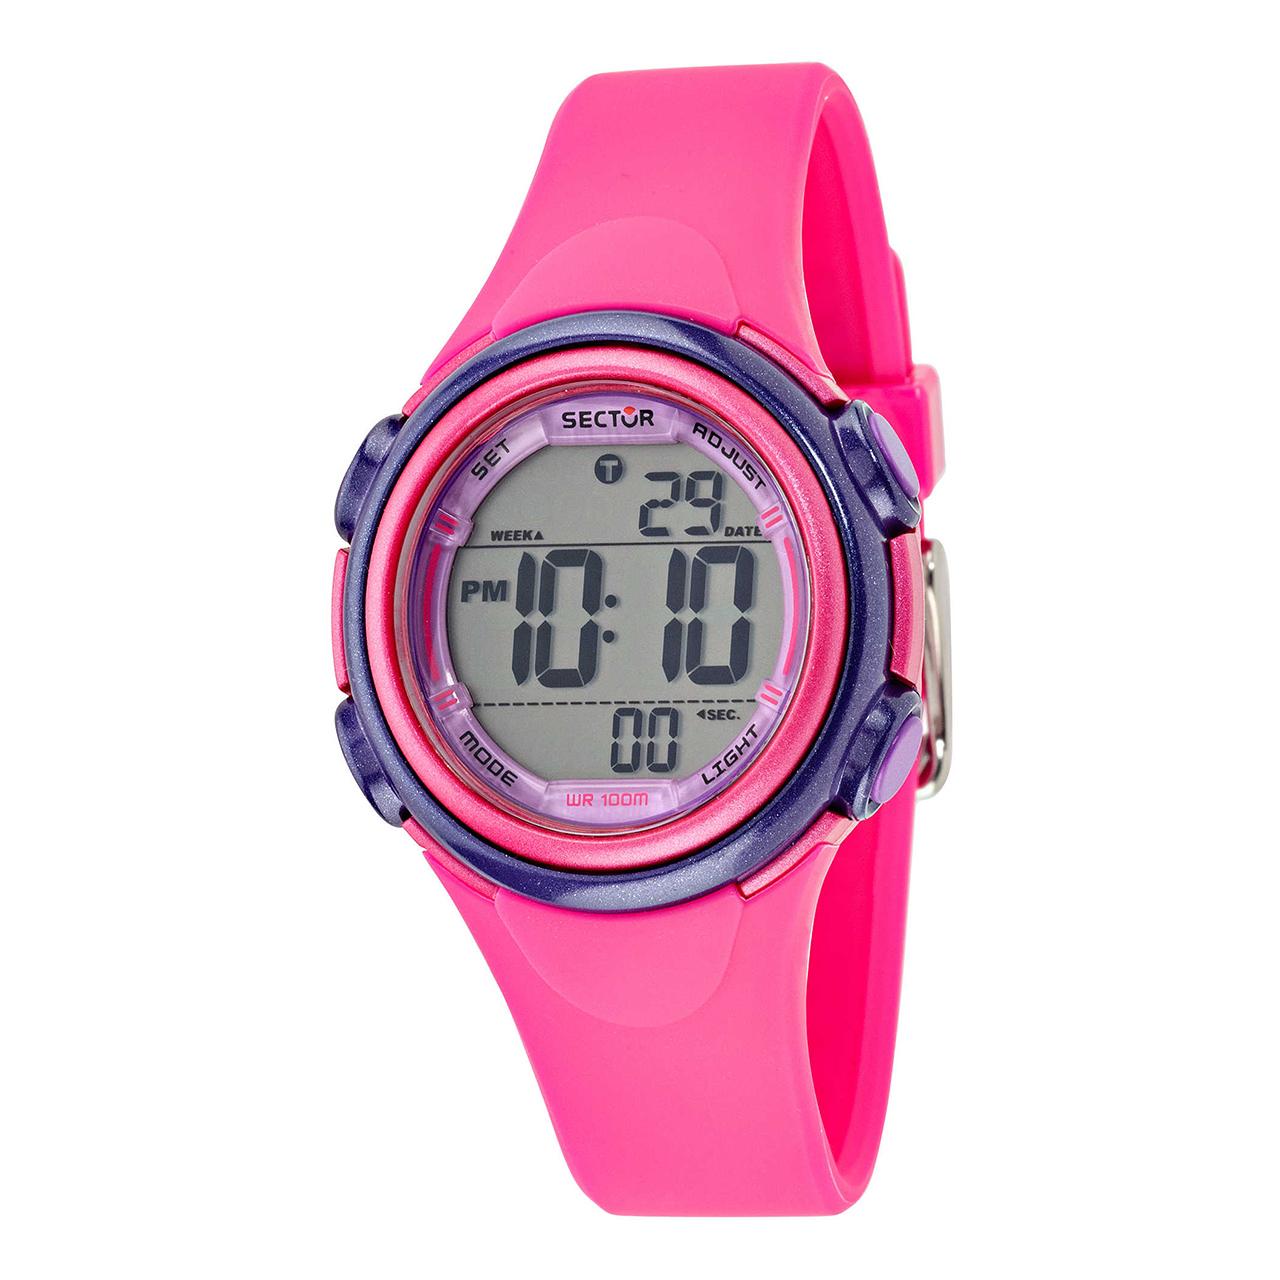 ساعت مچی دیجیتال سکتور مدل اکسپندر 06 -3251591501